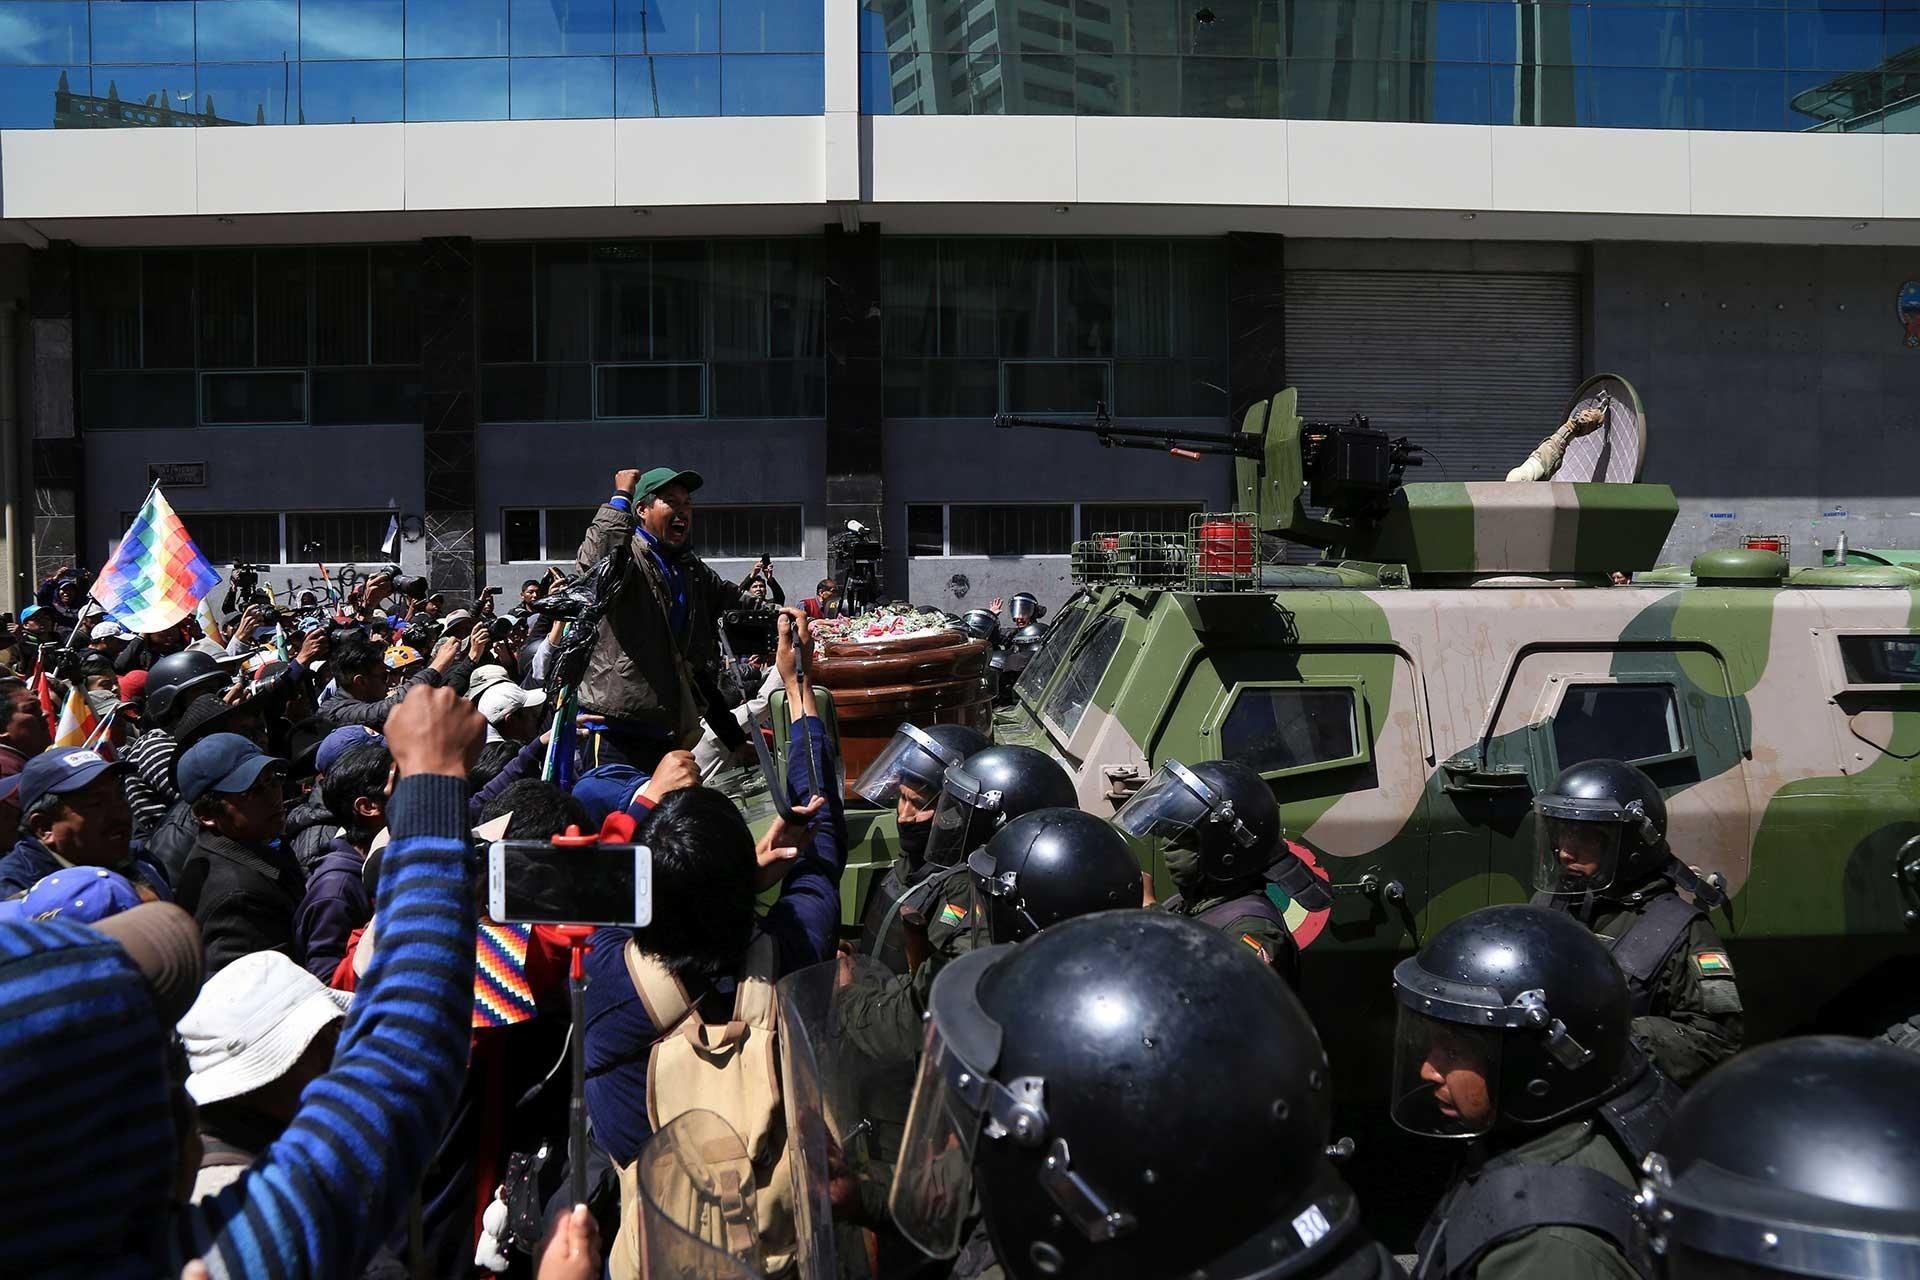 Bolivya'da cenazelerini taşıyan darbe karşıtları ile güvenlik güçleri karşı karşıya